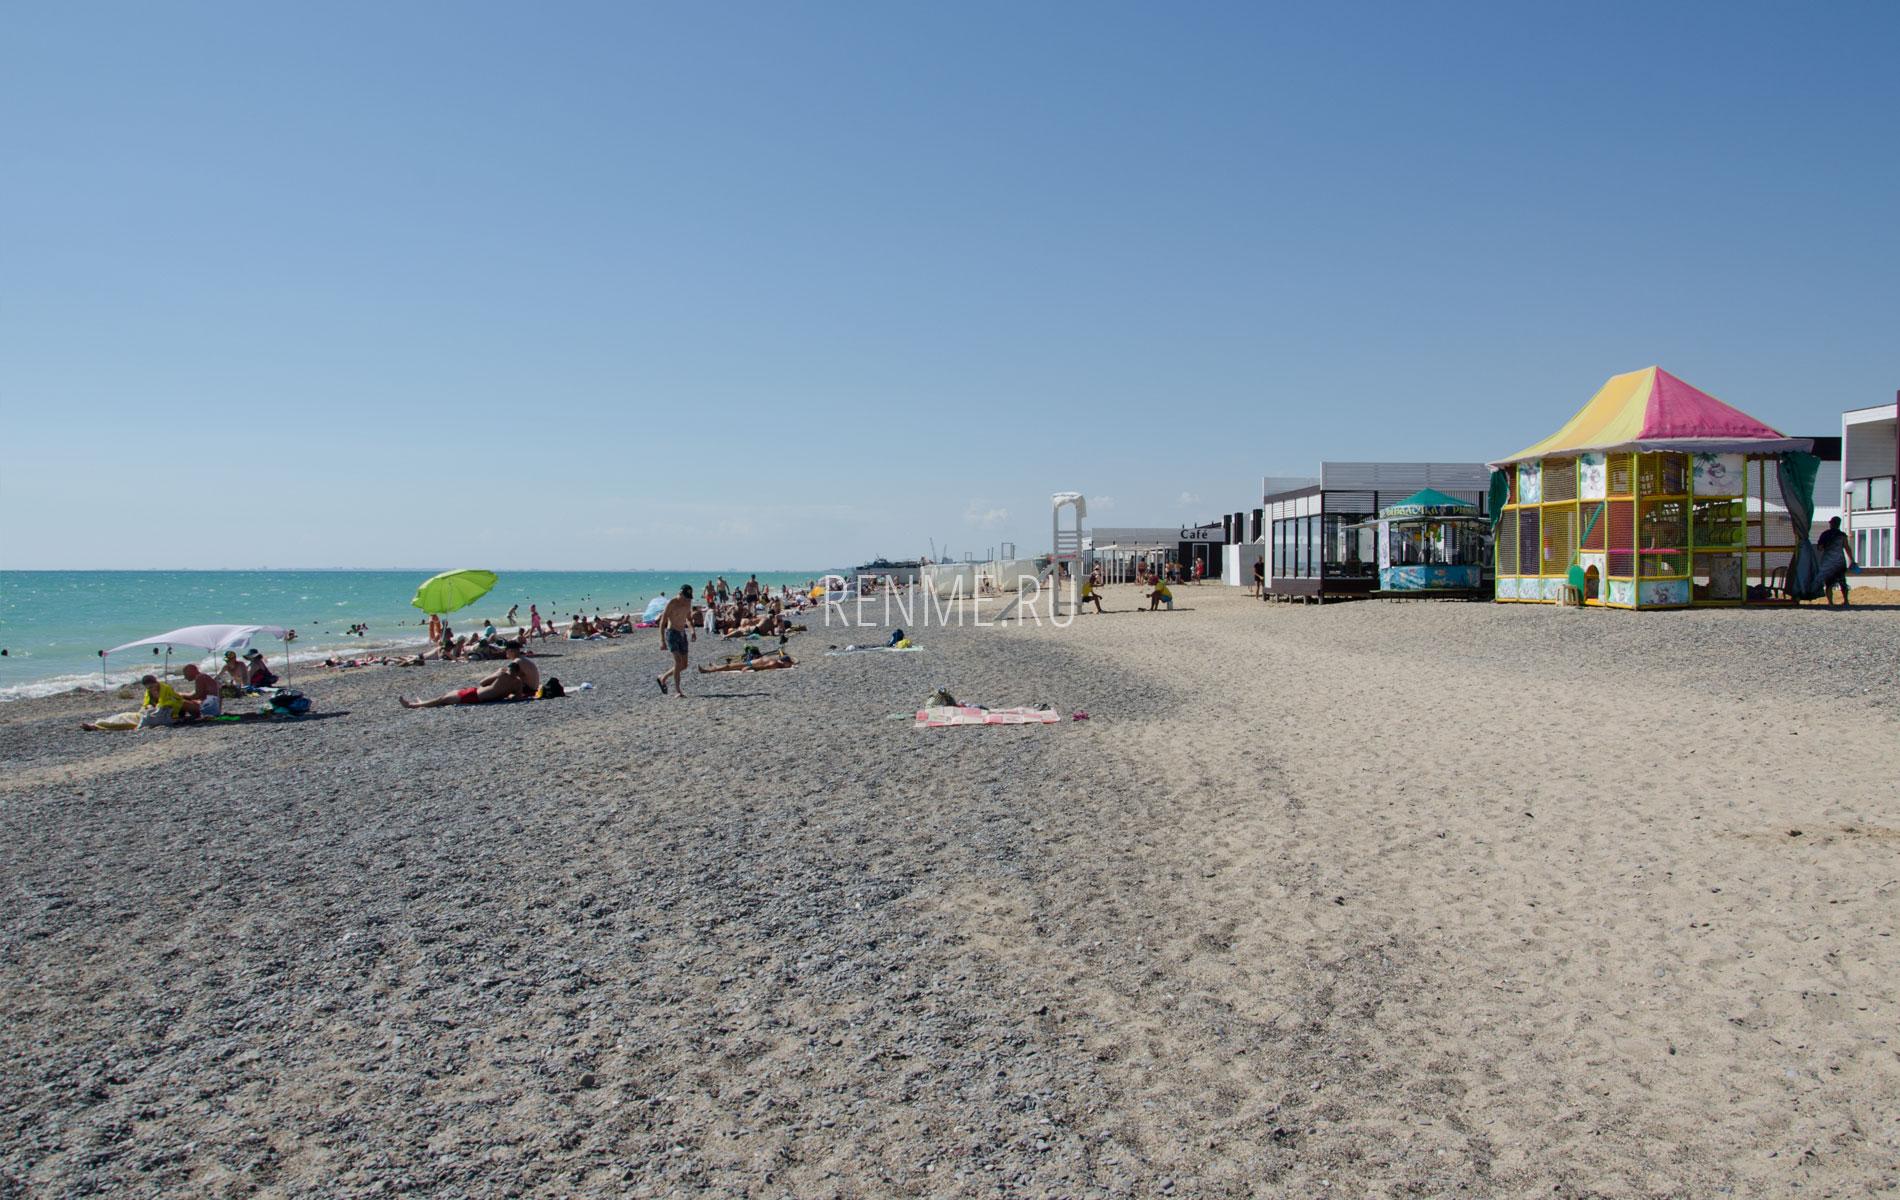 Пляж с развлечениями в Новофедоровке. Фото Новофедоровки